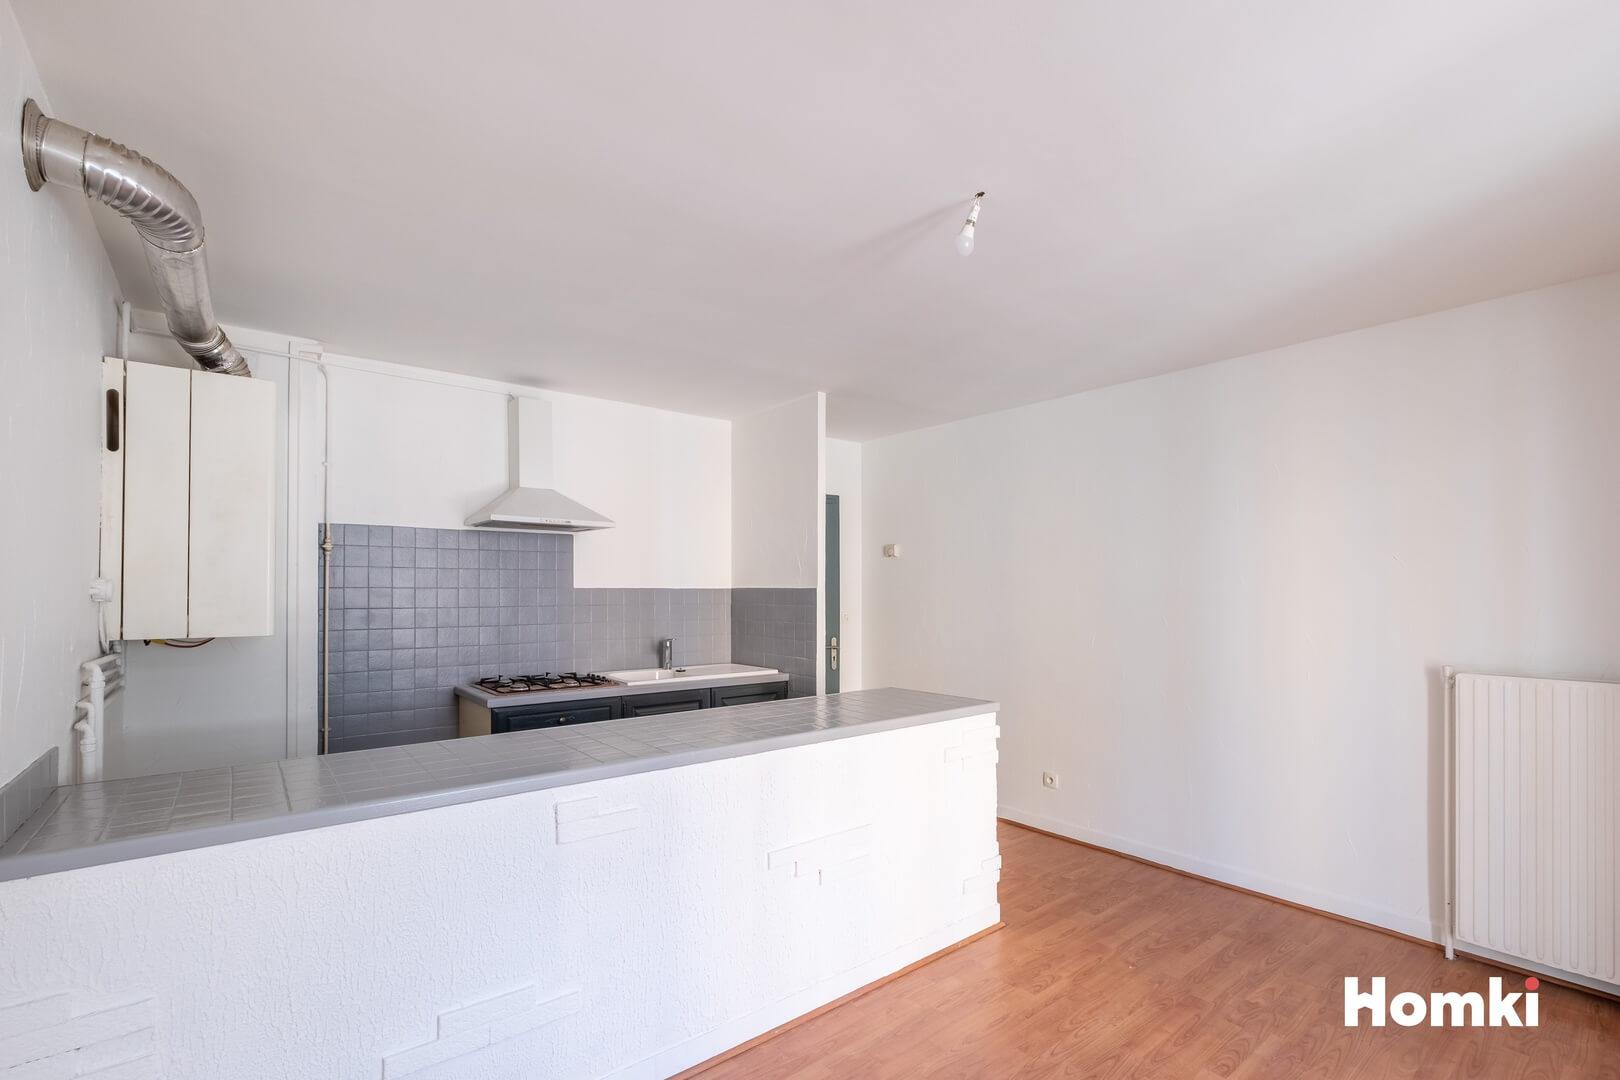 Homki - Vente Appartement  de 49.0 m² à Lyon 69009